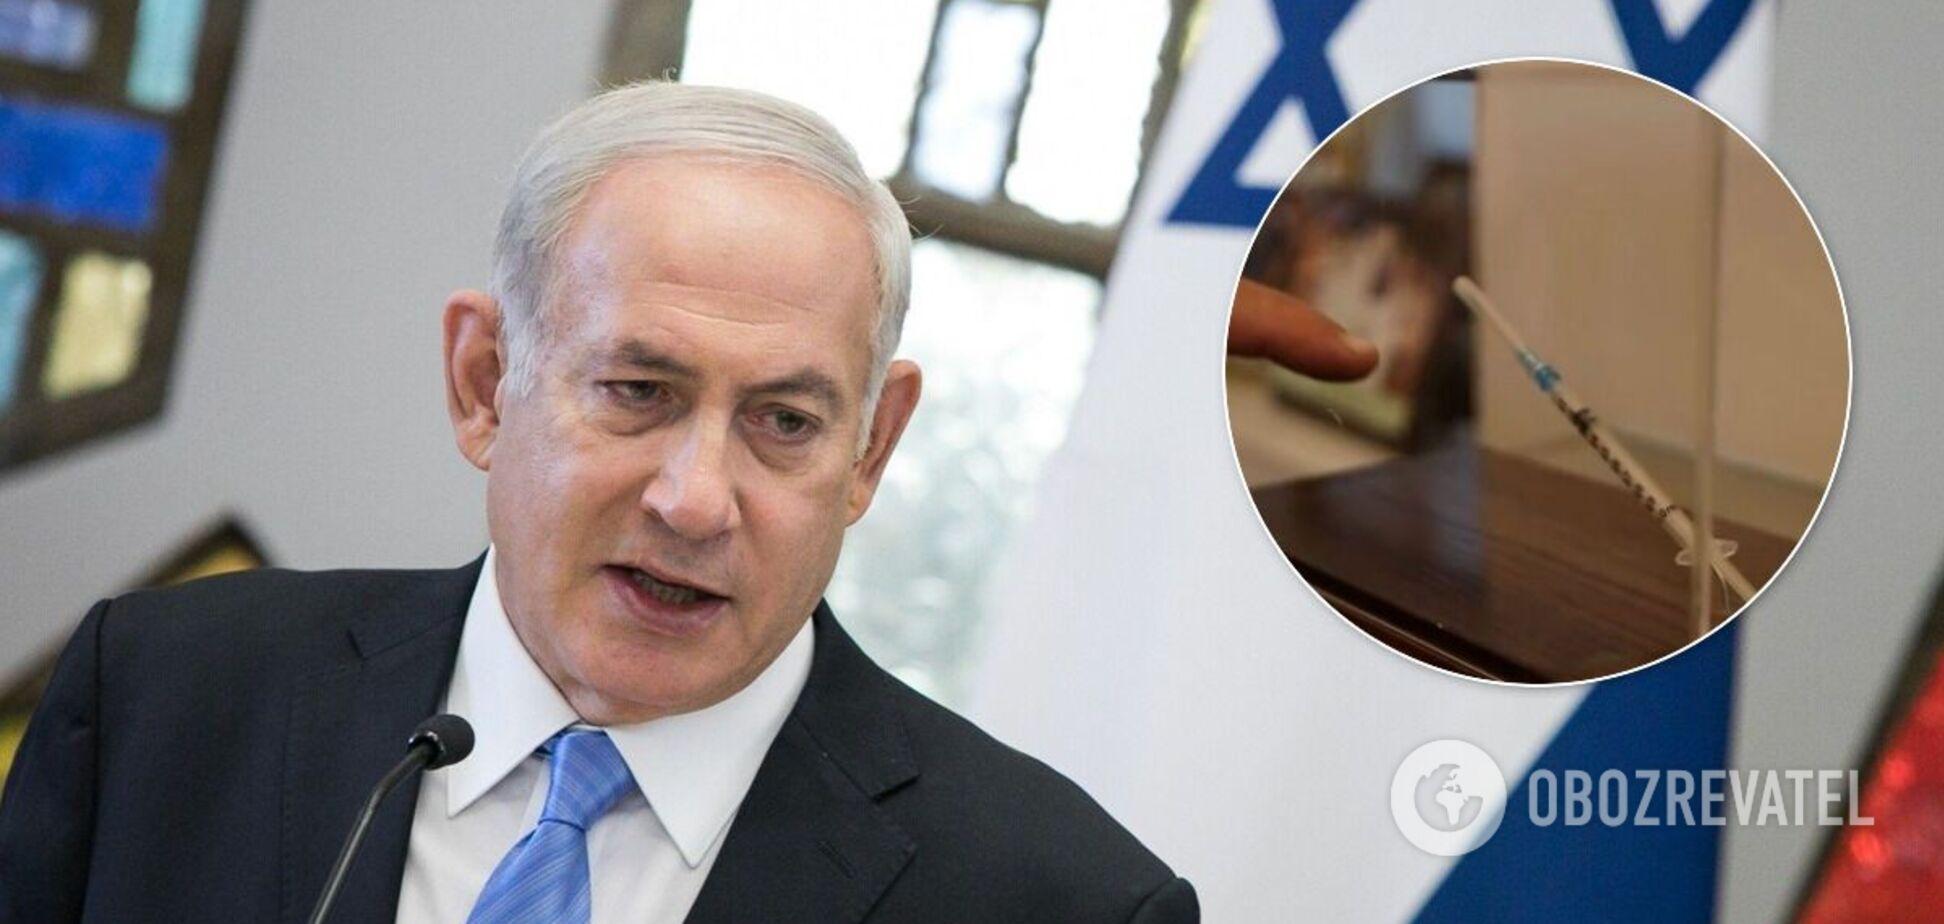 Нетаньяху зробив експонат зі шприца, яким йому кололи вакцину